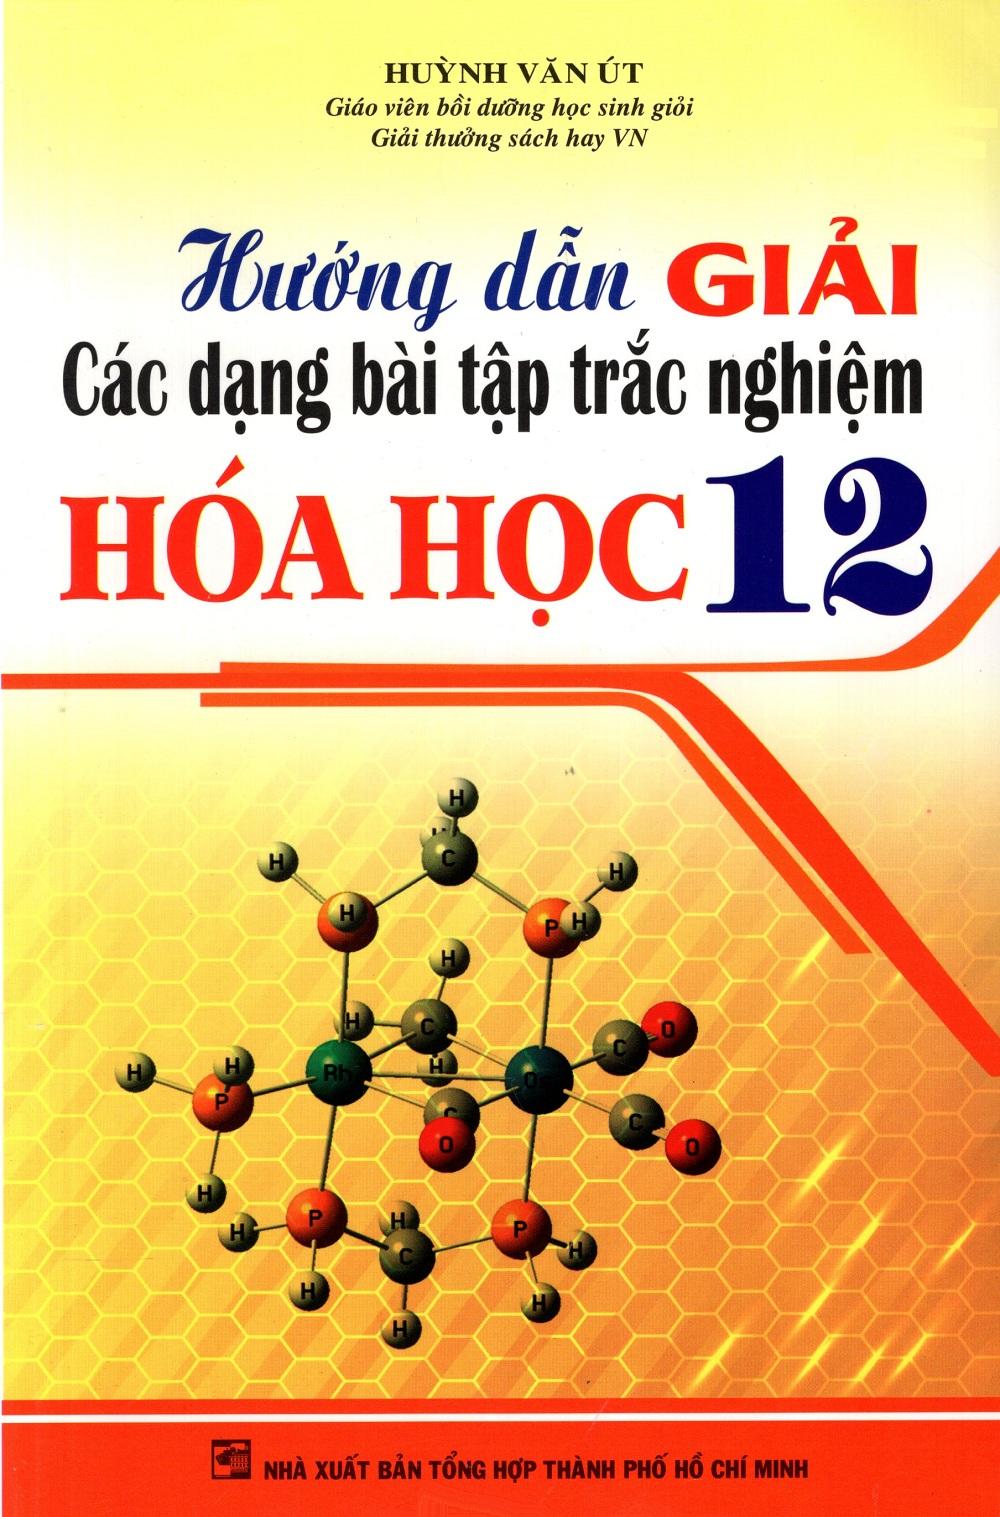 Hướng Dẫn Giải Các Dạng Bài Tập Trắc Nghiệm Hóa Học Lớp 12 - 18228659 , 9112052816964 , 62_21226542 , 59000 , Huong-Dan-Giai-Cac-Dang-Bai-Tap-Trac-Nghiem-Hoa-Hoc-Lop-12-62_21226542 , tiki.vn , Hướng Dẫn Giải Các Dạng Bài Tập Trắc Nghiệm Hóa Học Lớp 12